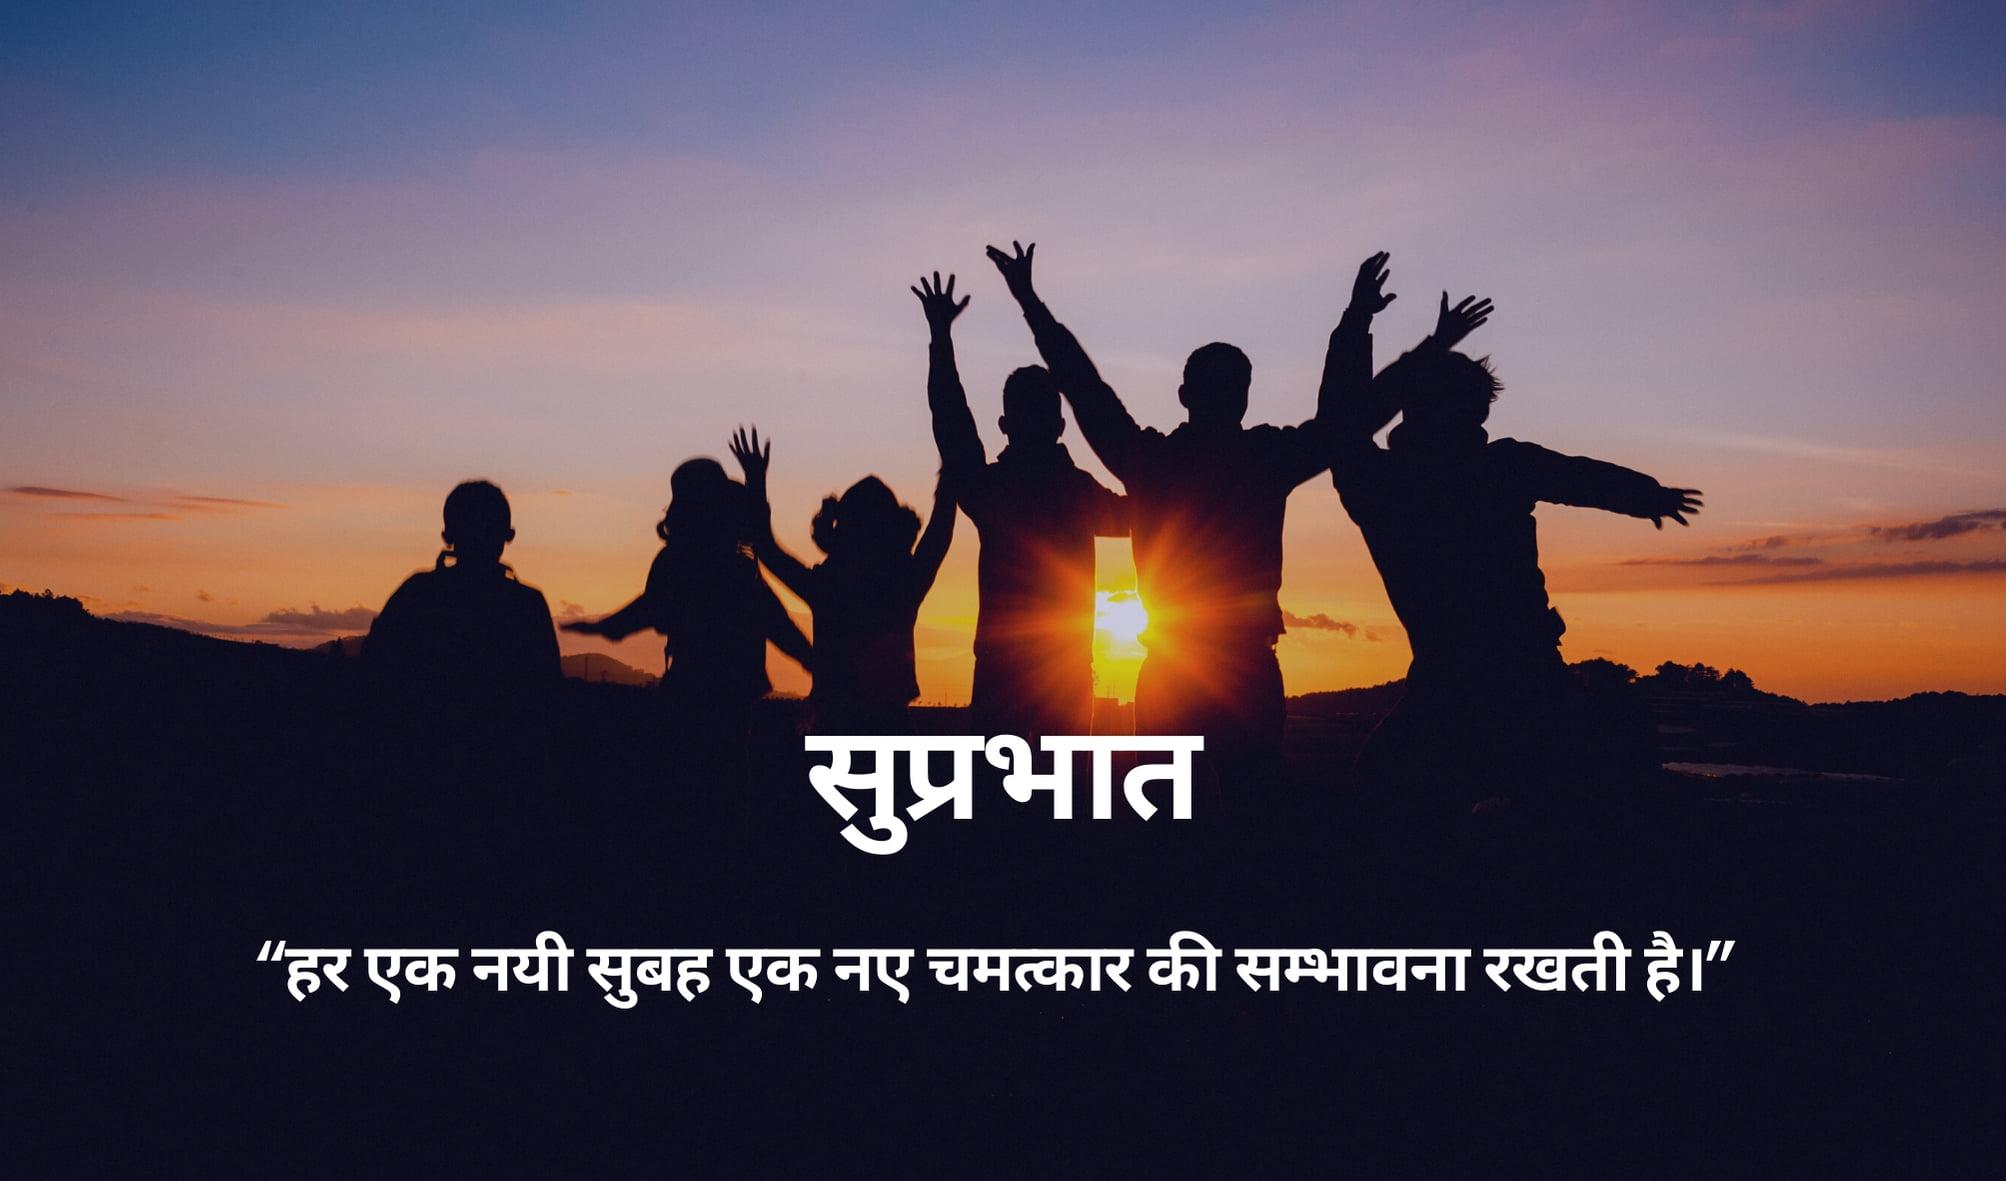 Hindi Hd Image Good Morning full HD free download.